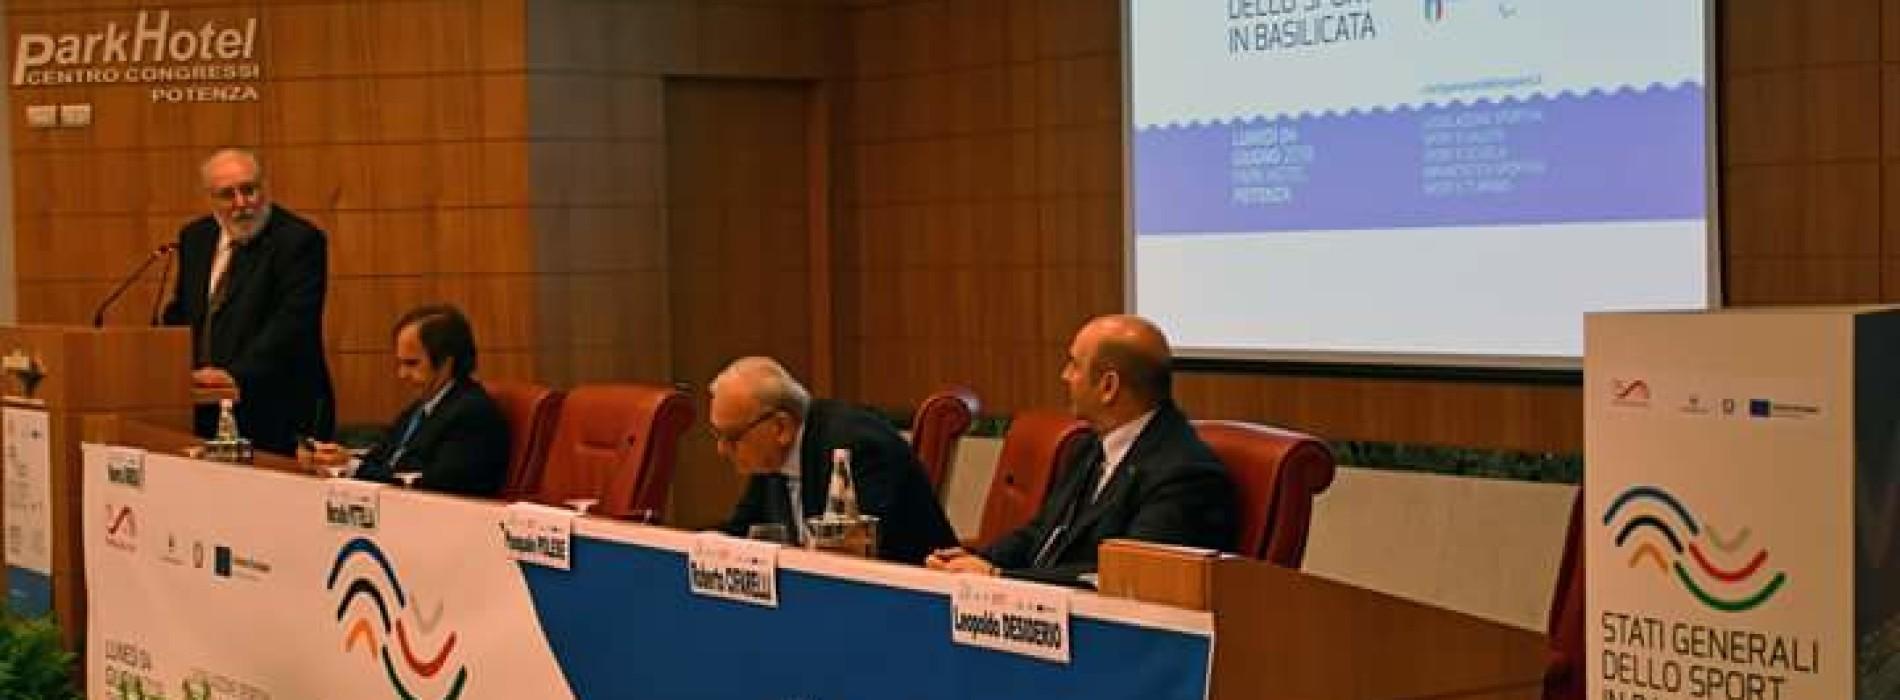 Tenuti a Potenza gli Stati Generali dello Sport in Basilicata